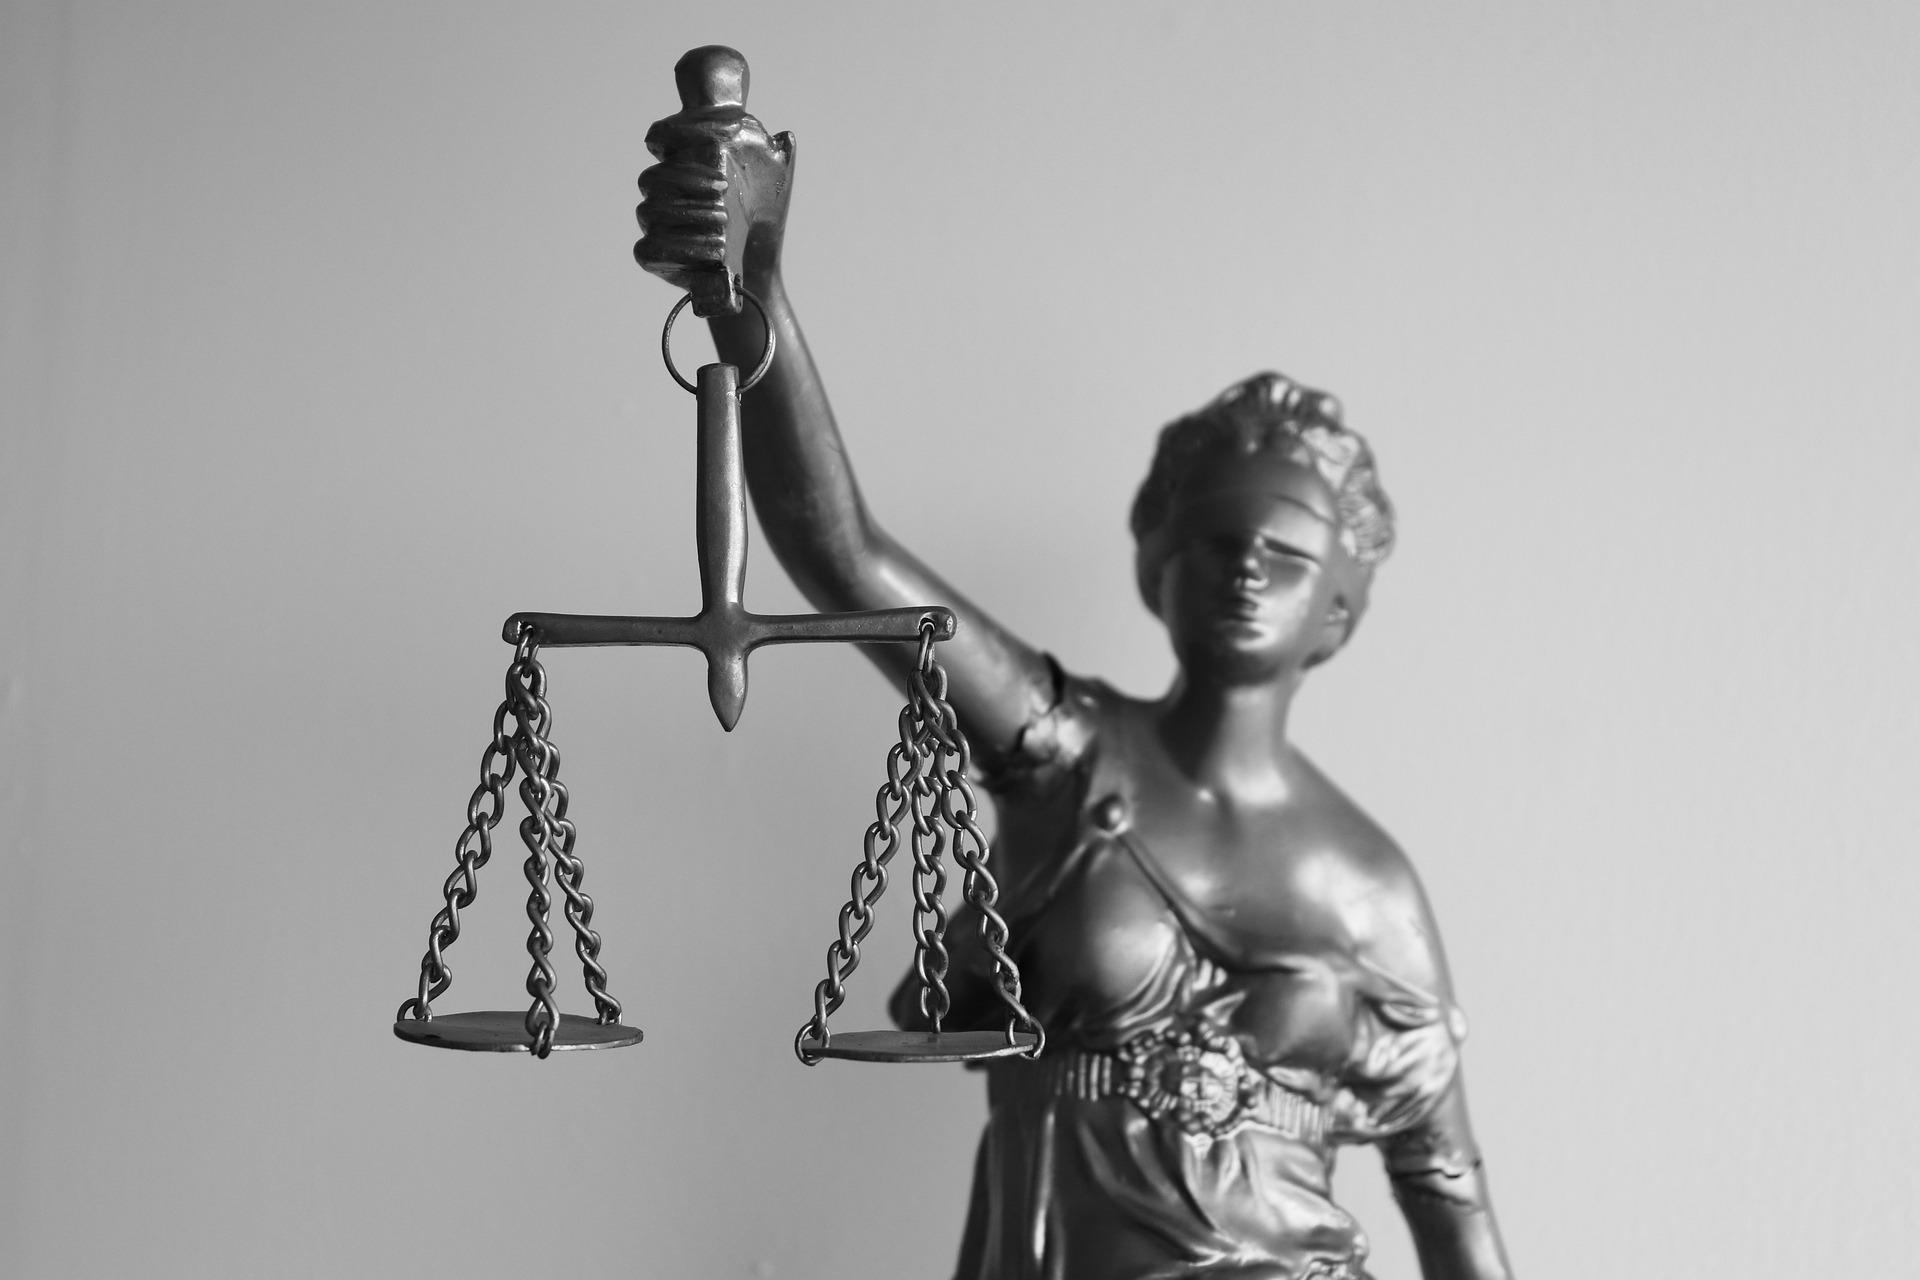 dia da justiça bortolotto advogados associados